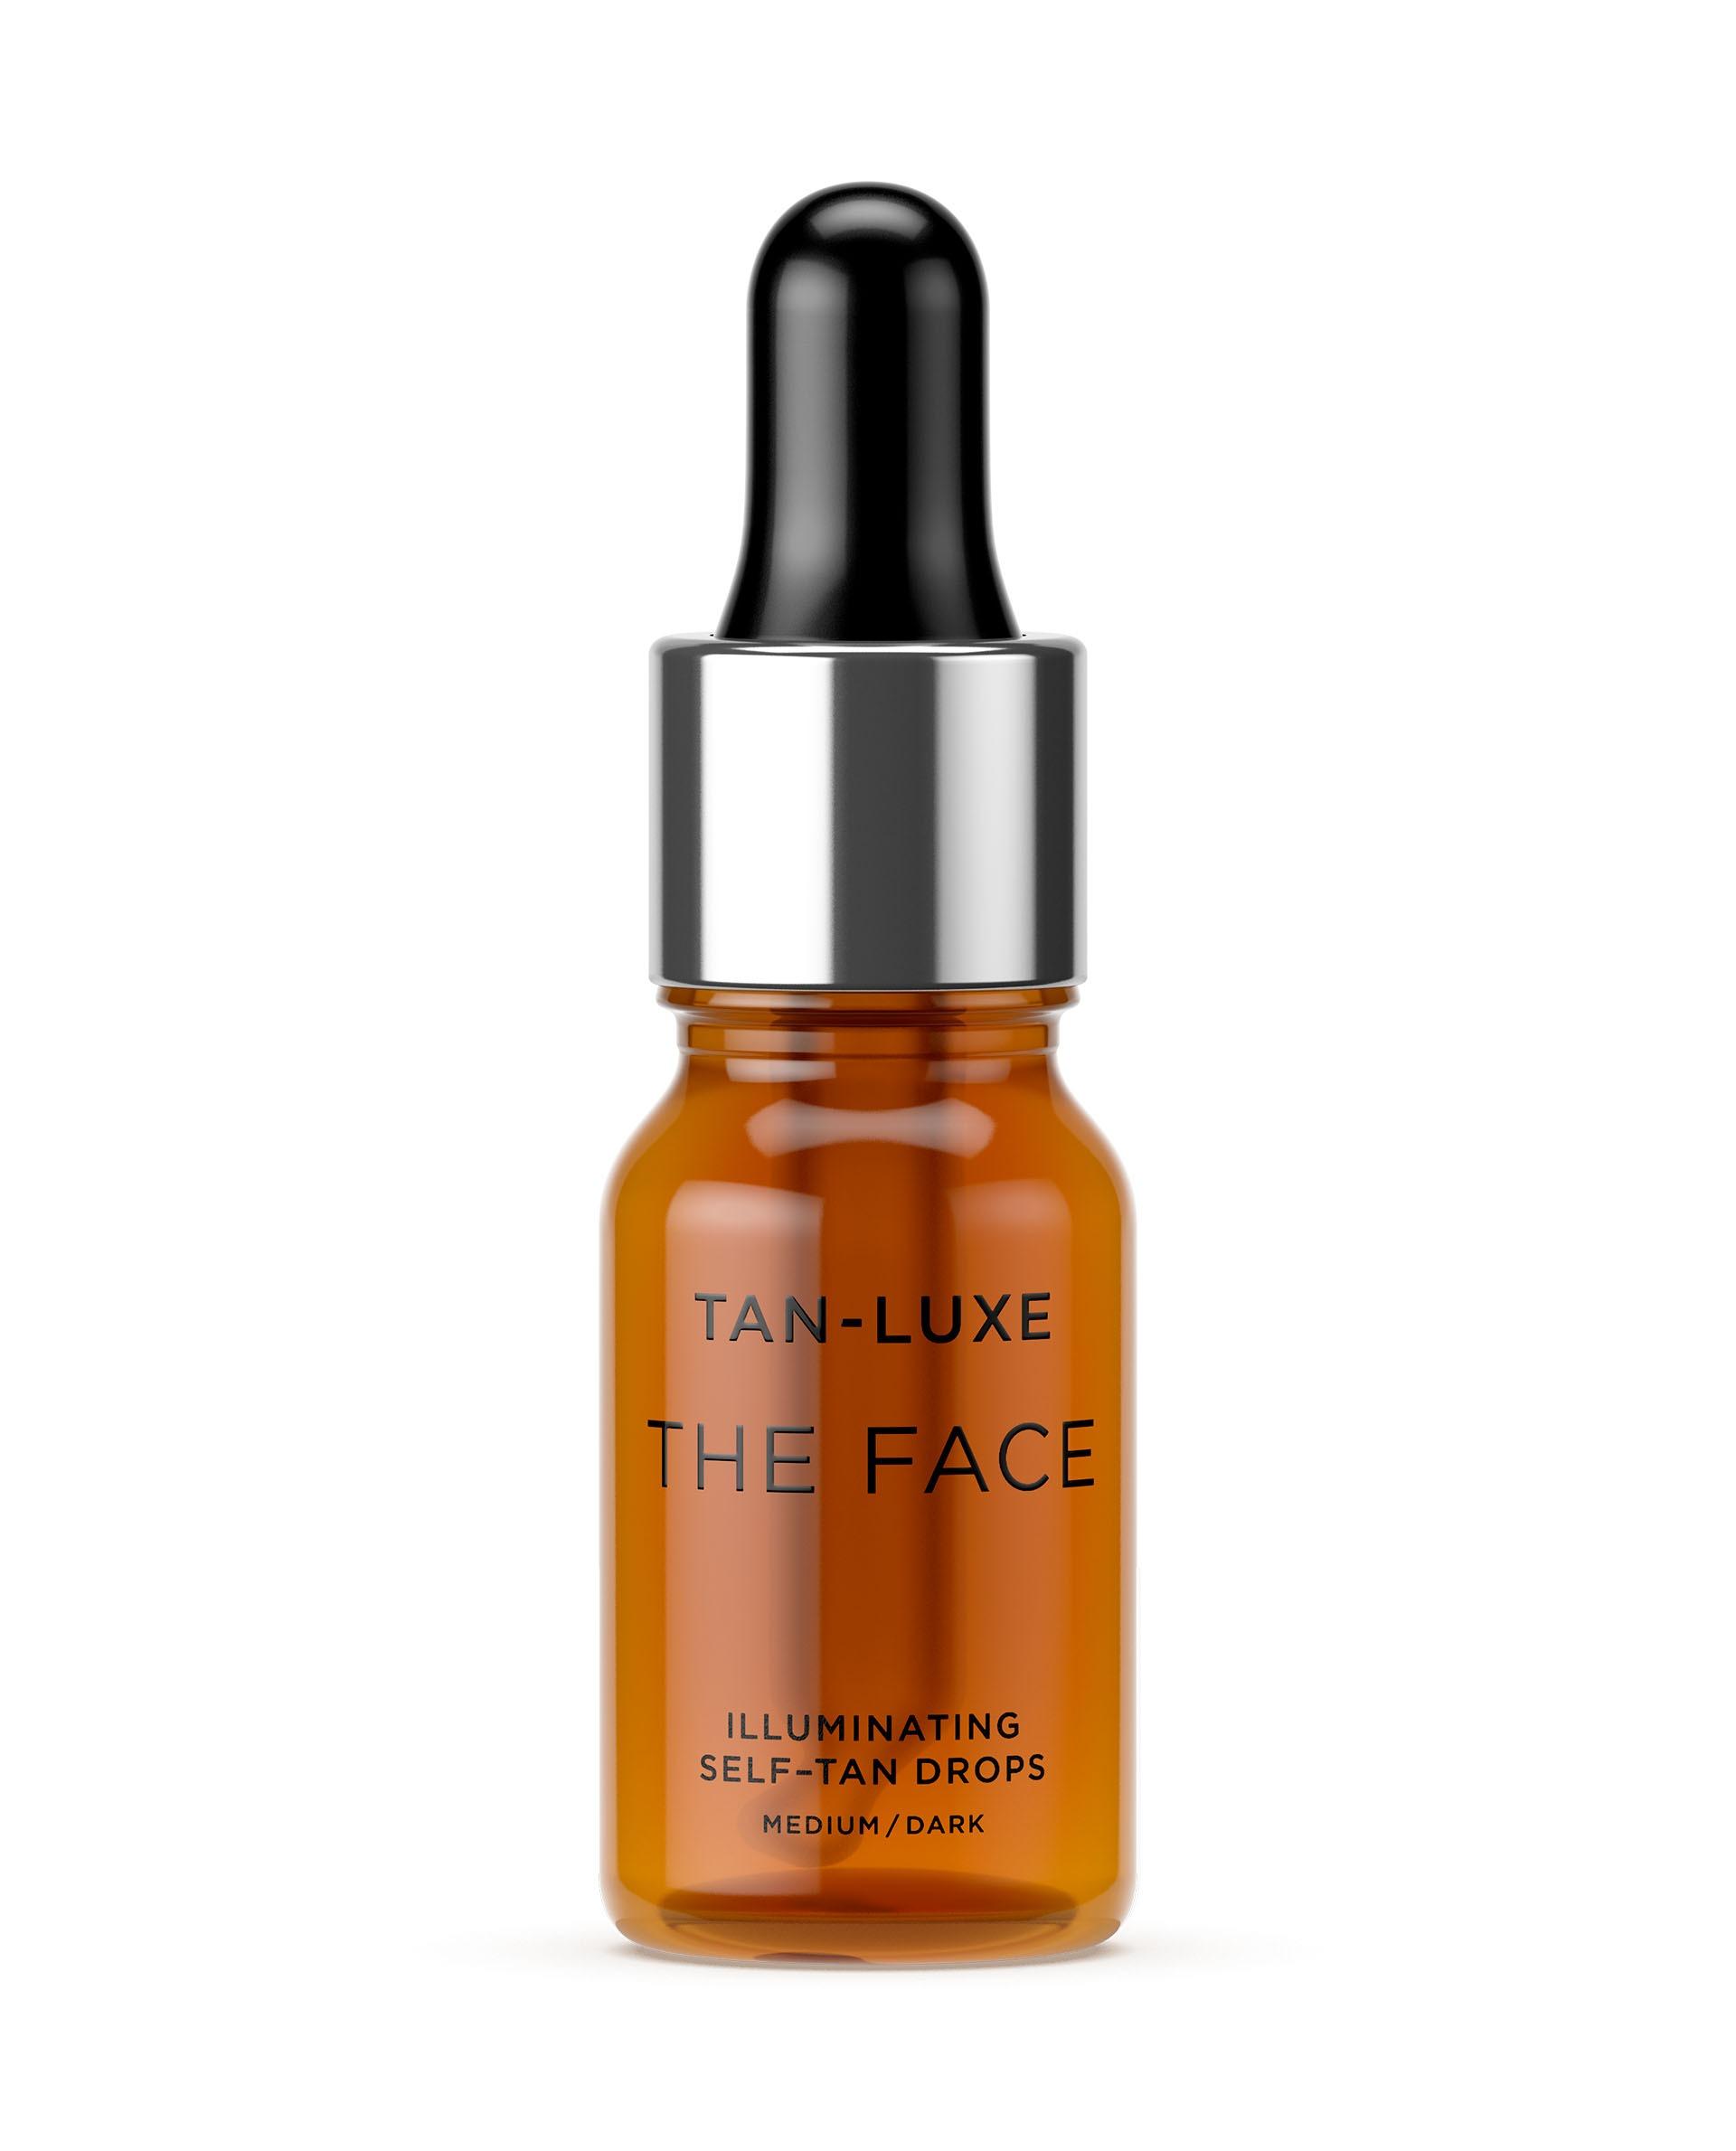 _0006_TanLuxe Face MedDark10ml Bottle Render